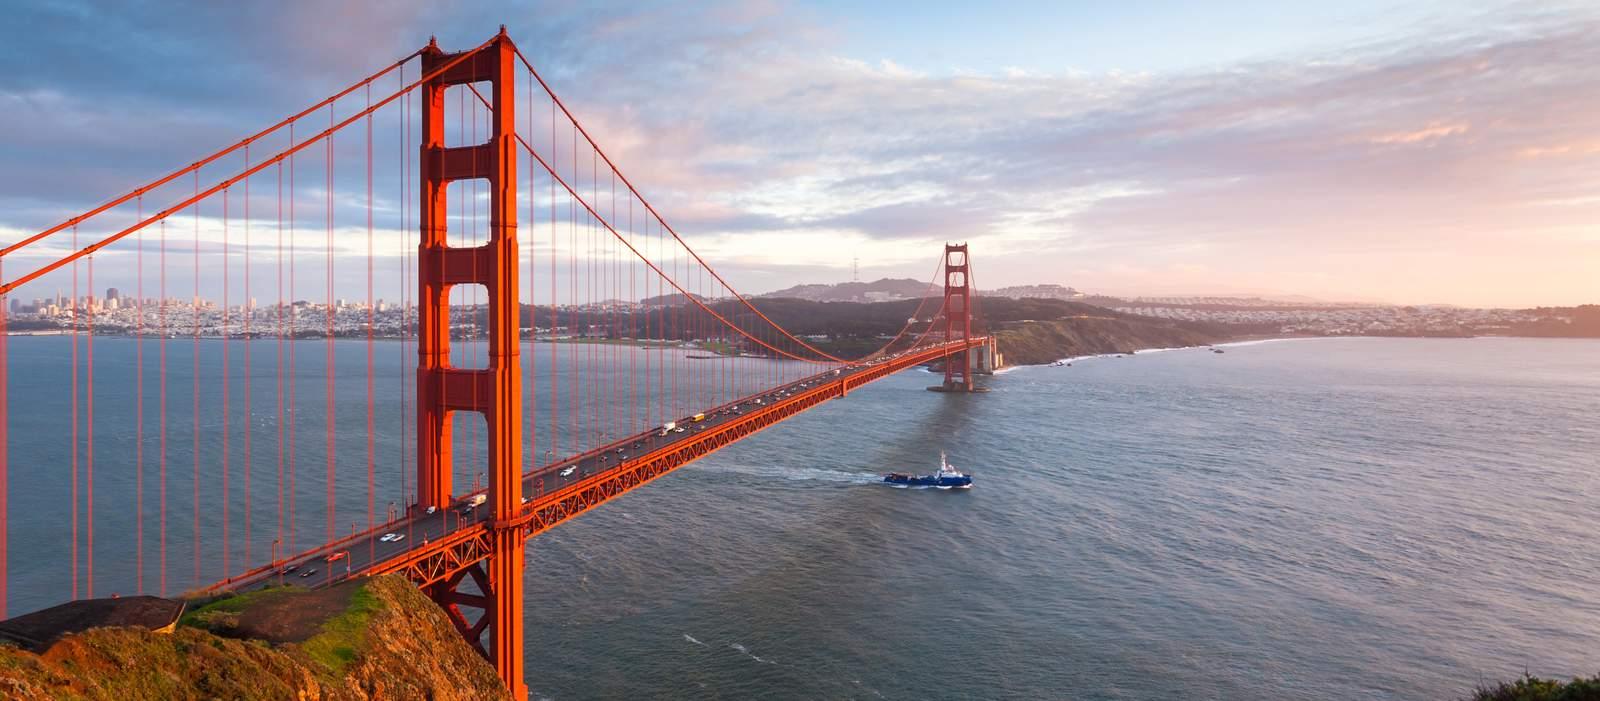 Boot fährt unter der Golden Gate Bridge hindurch, San Francisco, Kalifornien